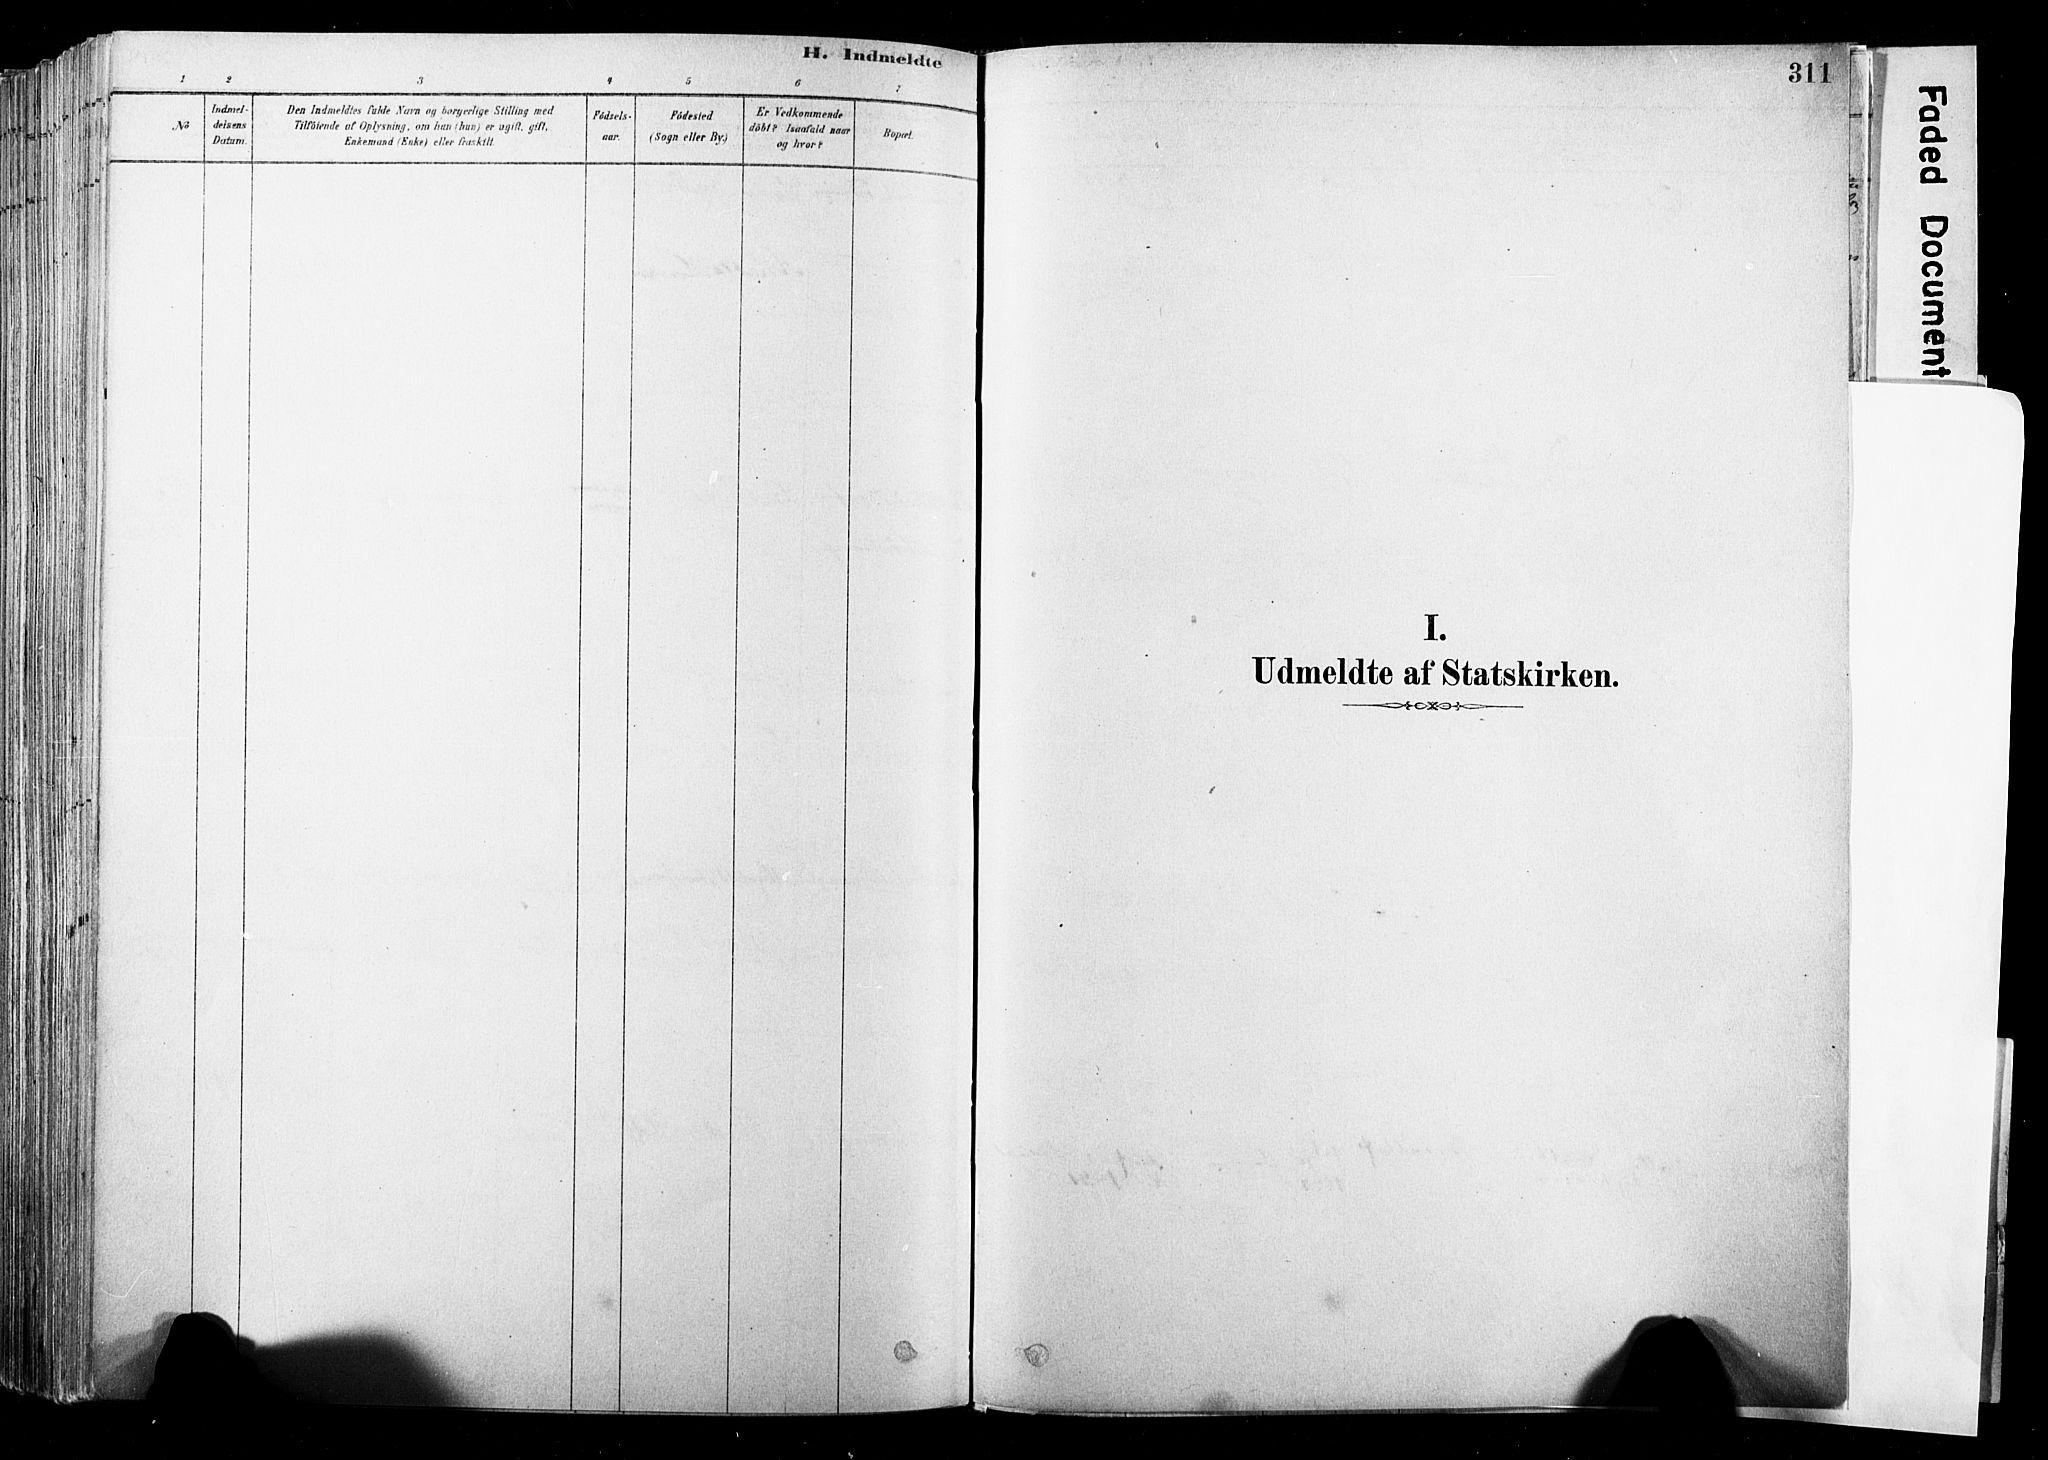 SAKO, Strømsø kirkebøker, F/Fb/L0006: Ministerialbok nr. II 6, 1879-1910, s. 311